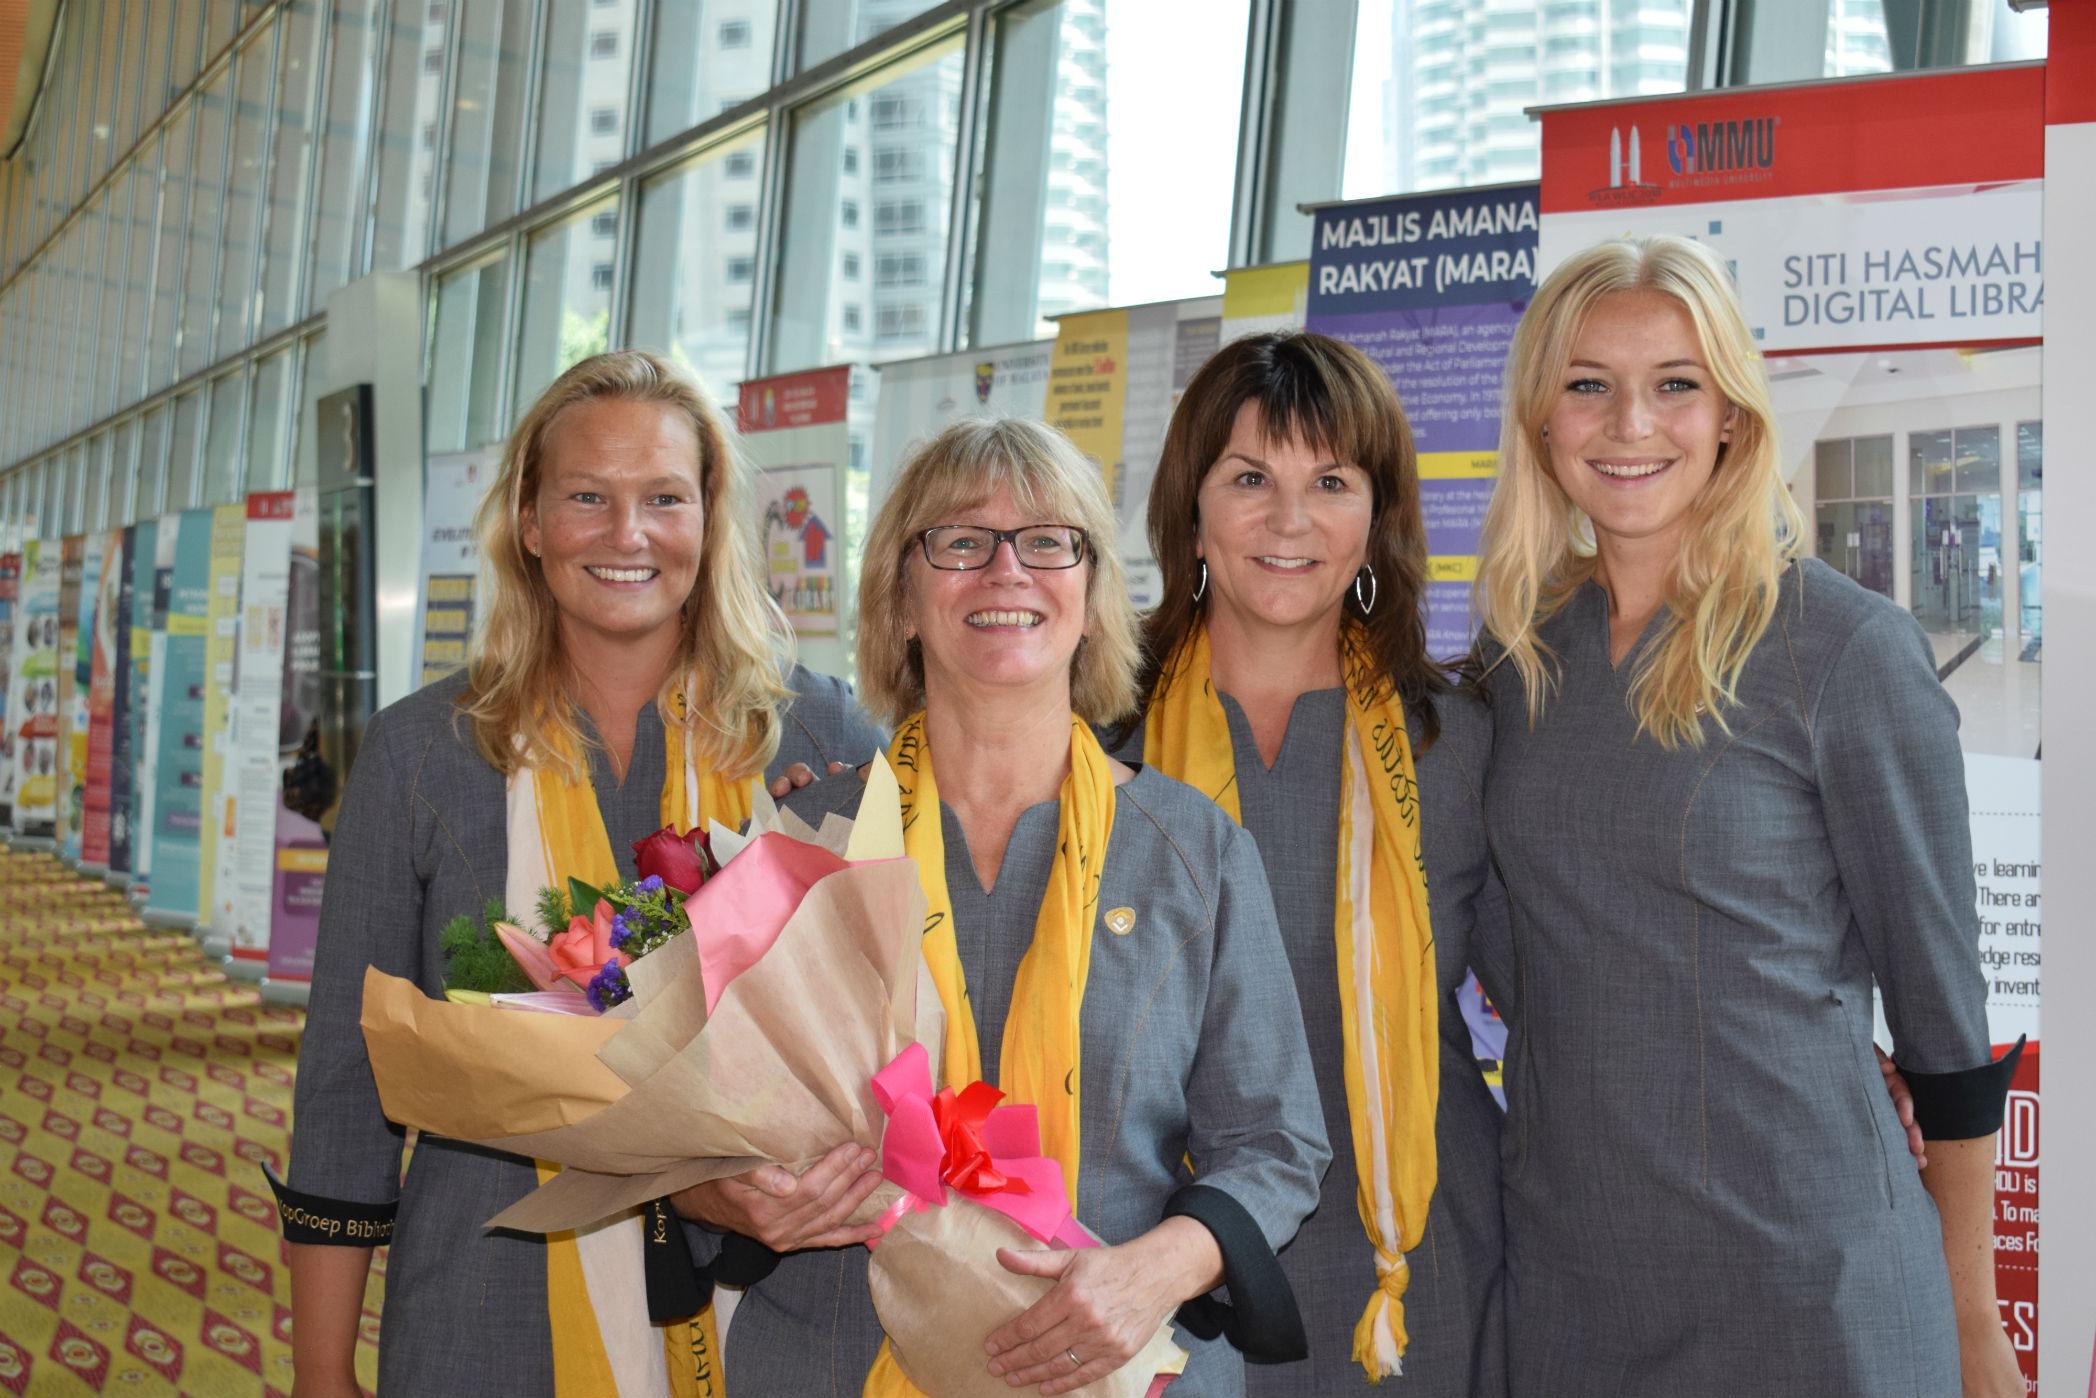 Het team van School is trots op de uitverkiezing tot beste bibliotheek van de wereld. Van links naar rechts: Desiree van Ham, Jacinta Krimp, Anita Ruder en Lesley Alma. (Foto: aangeleverd)